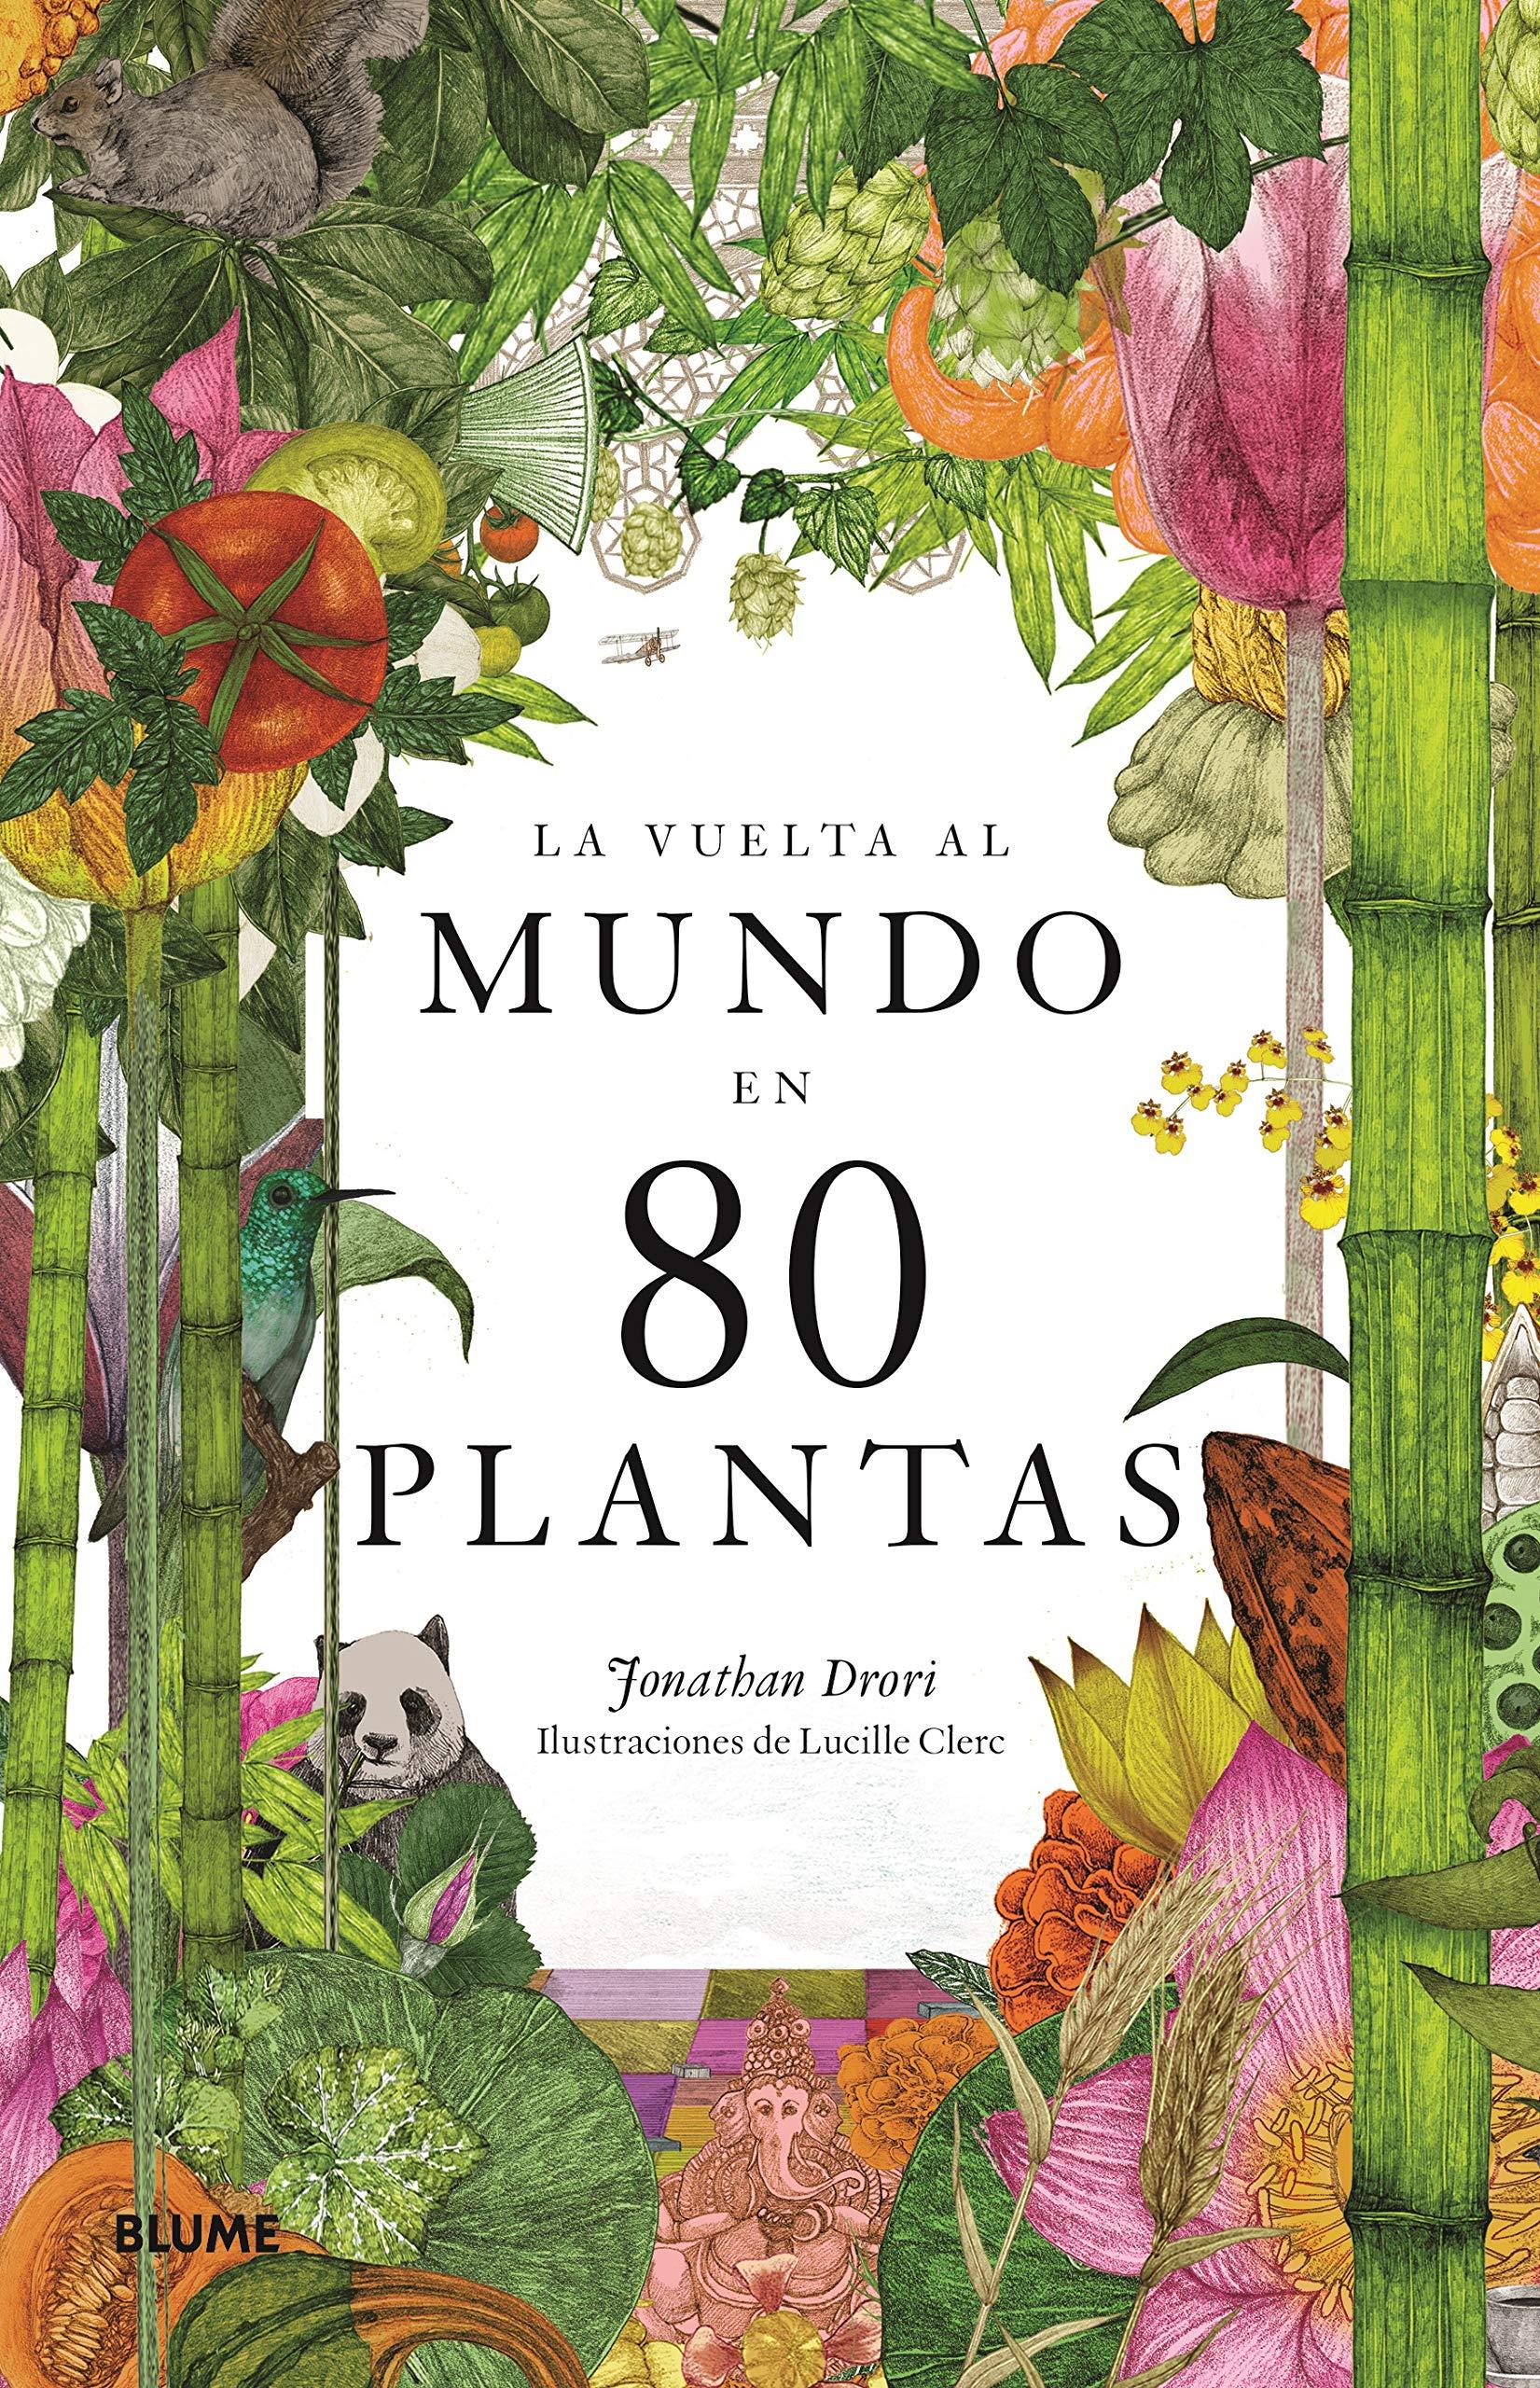 La vuelta al mundo en 80 plantas - Libros de viajes singulares